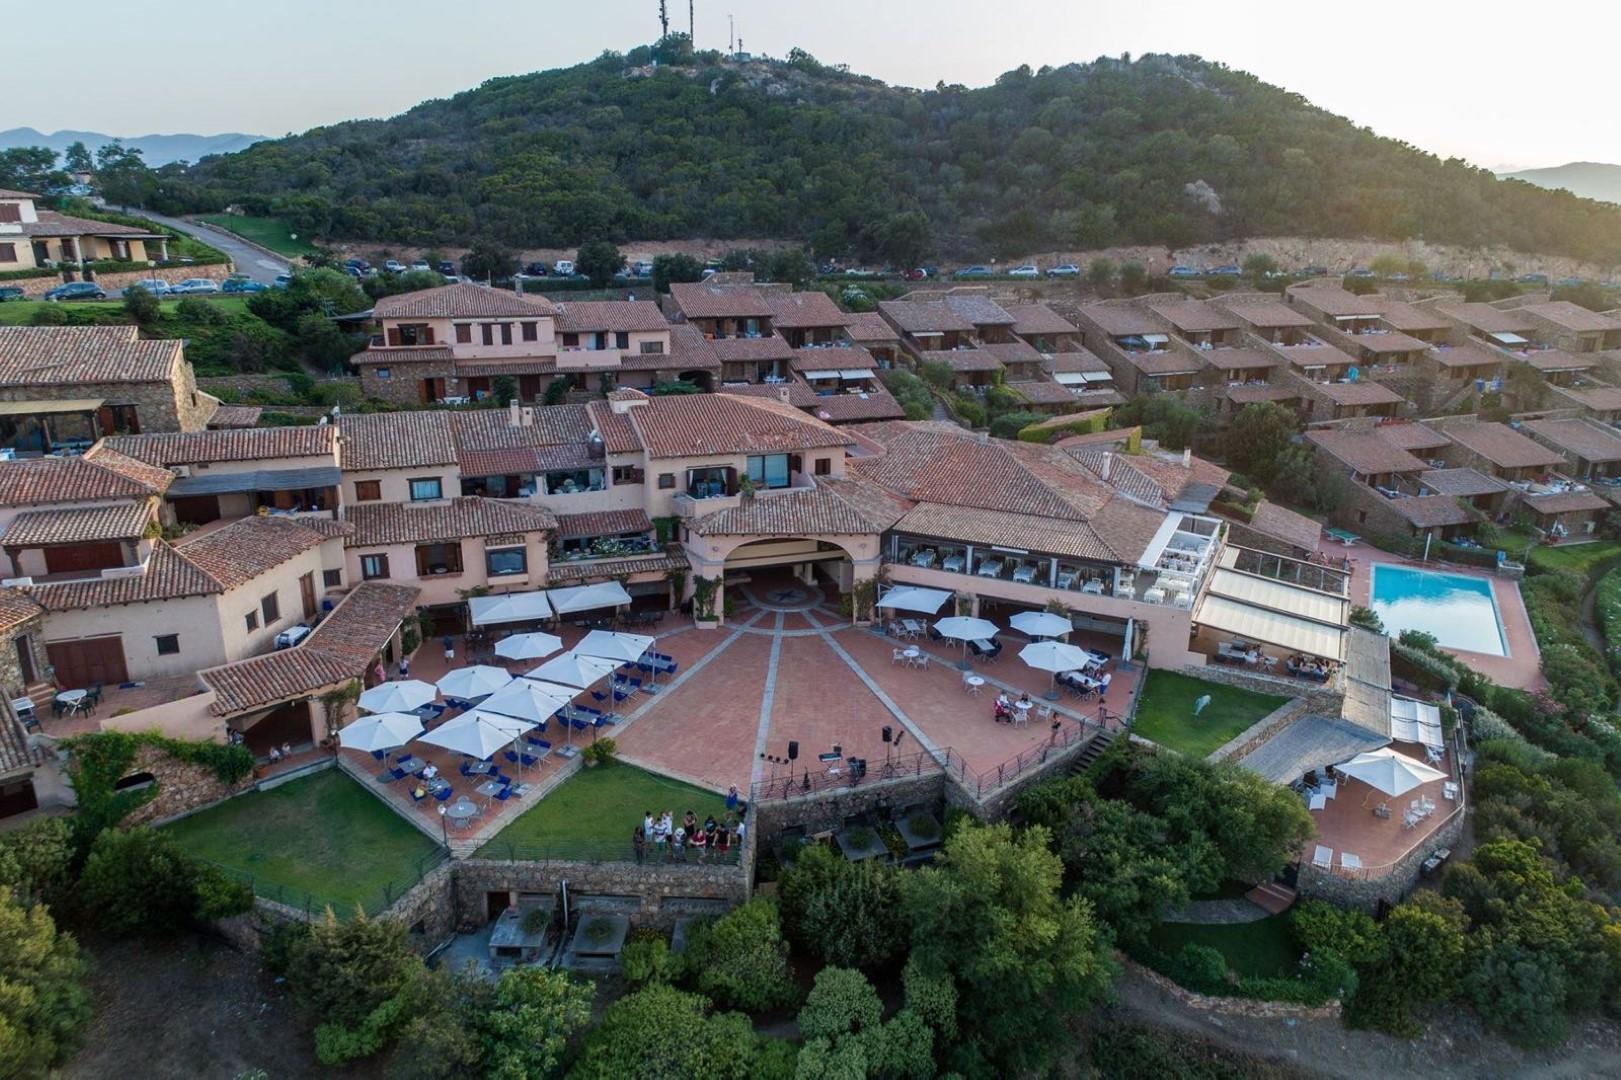 Casa Paola - Coda Cavallo Resort (noordoosten) 29